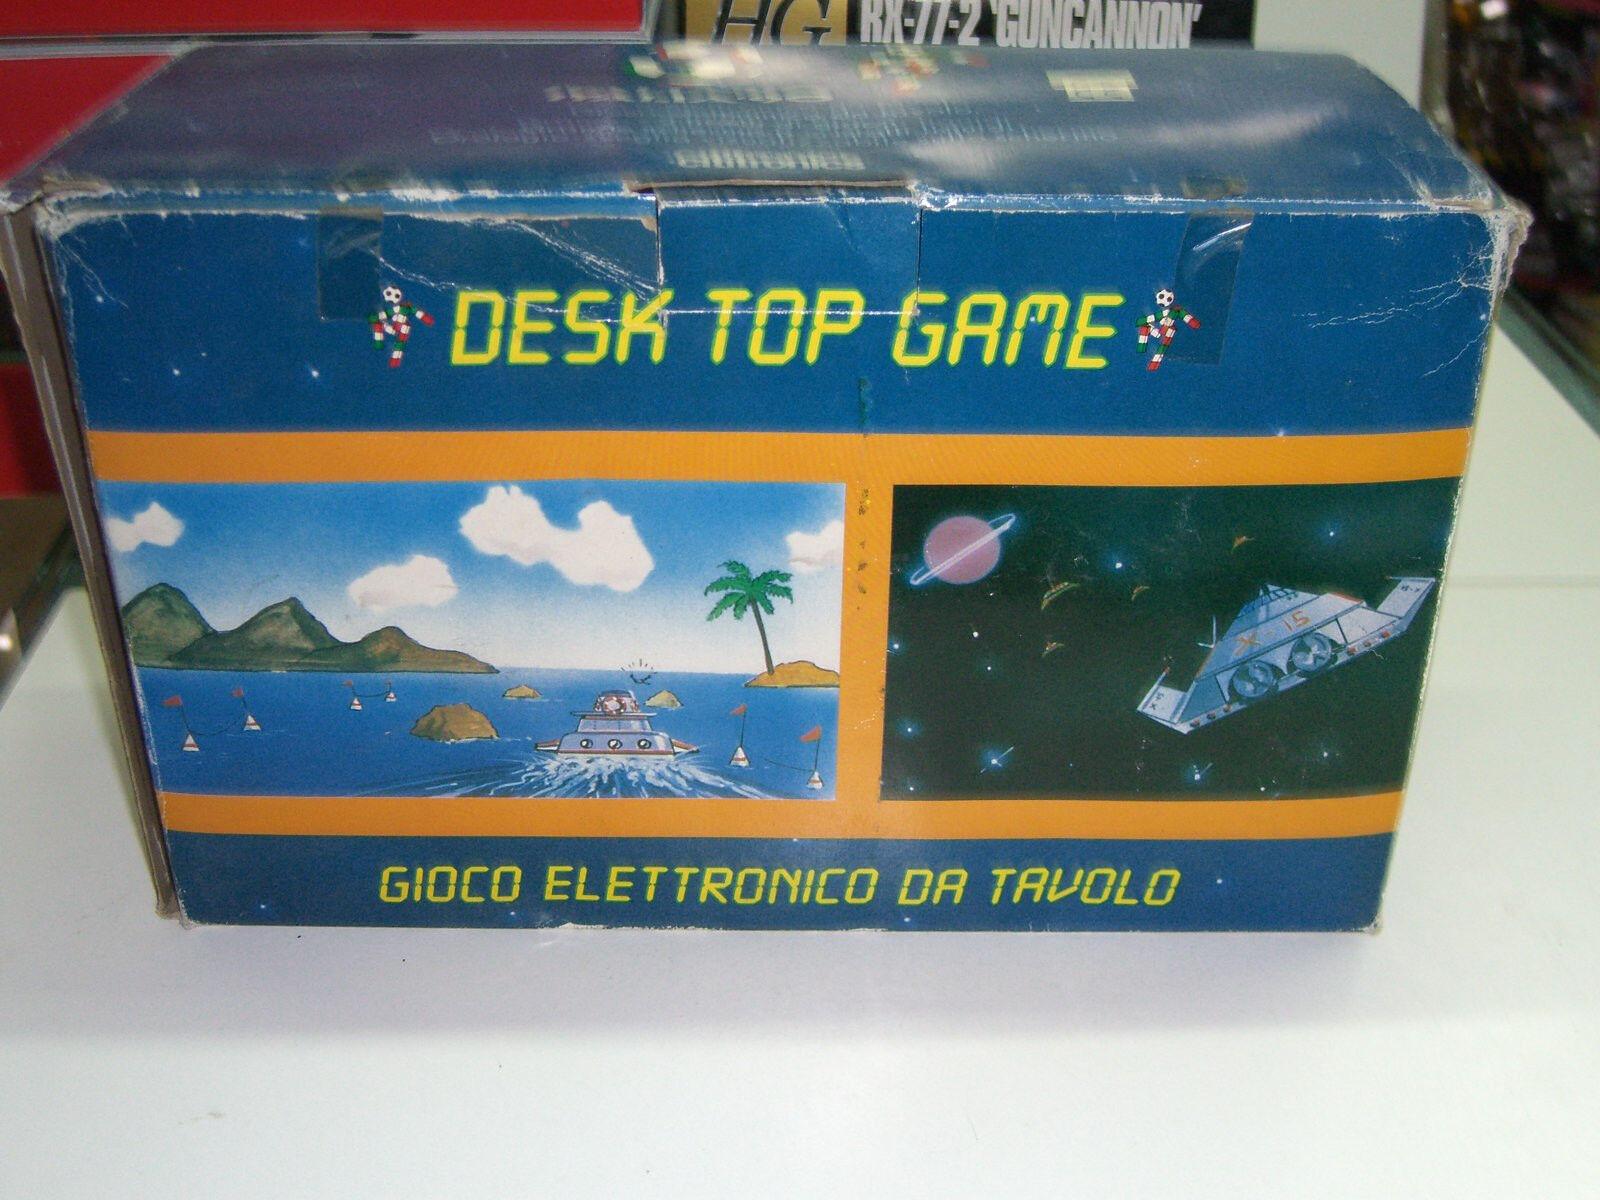 Italia'90 citytronics Electrónico Soccer Fooball Juego De Mesa Escritorio Mib